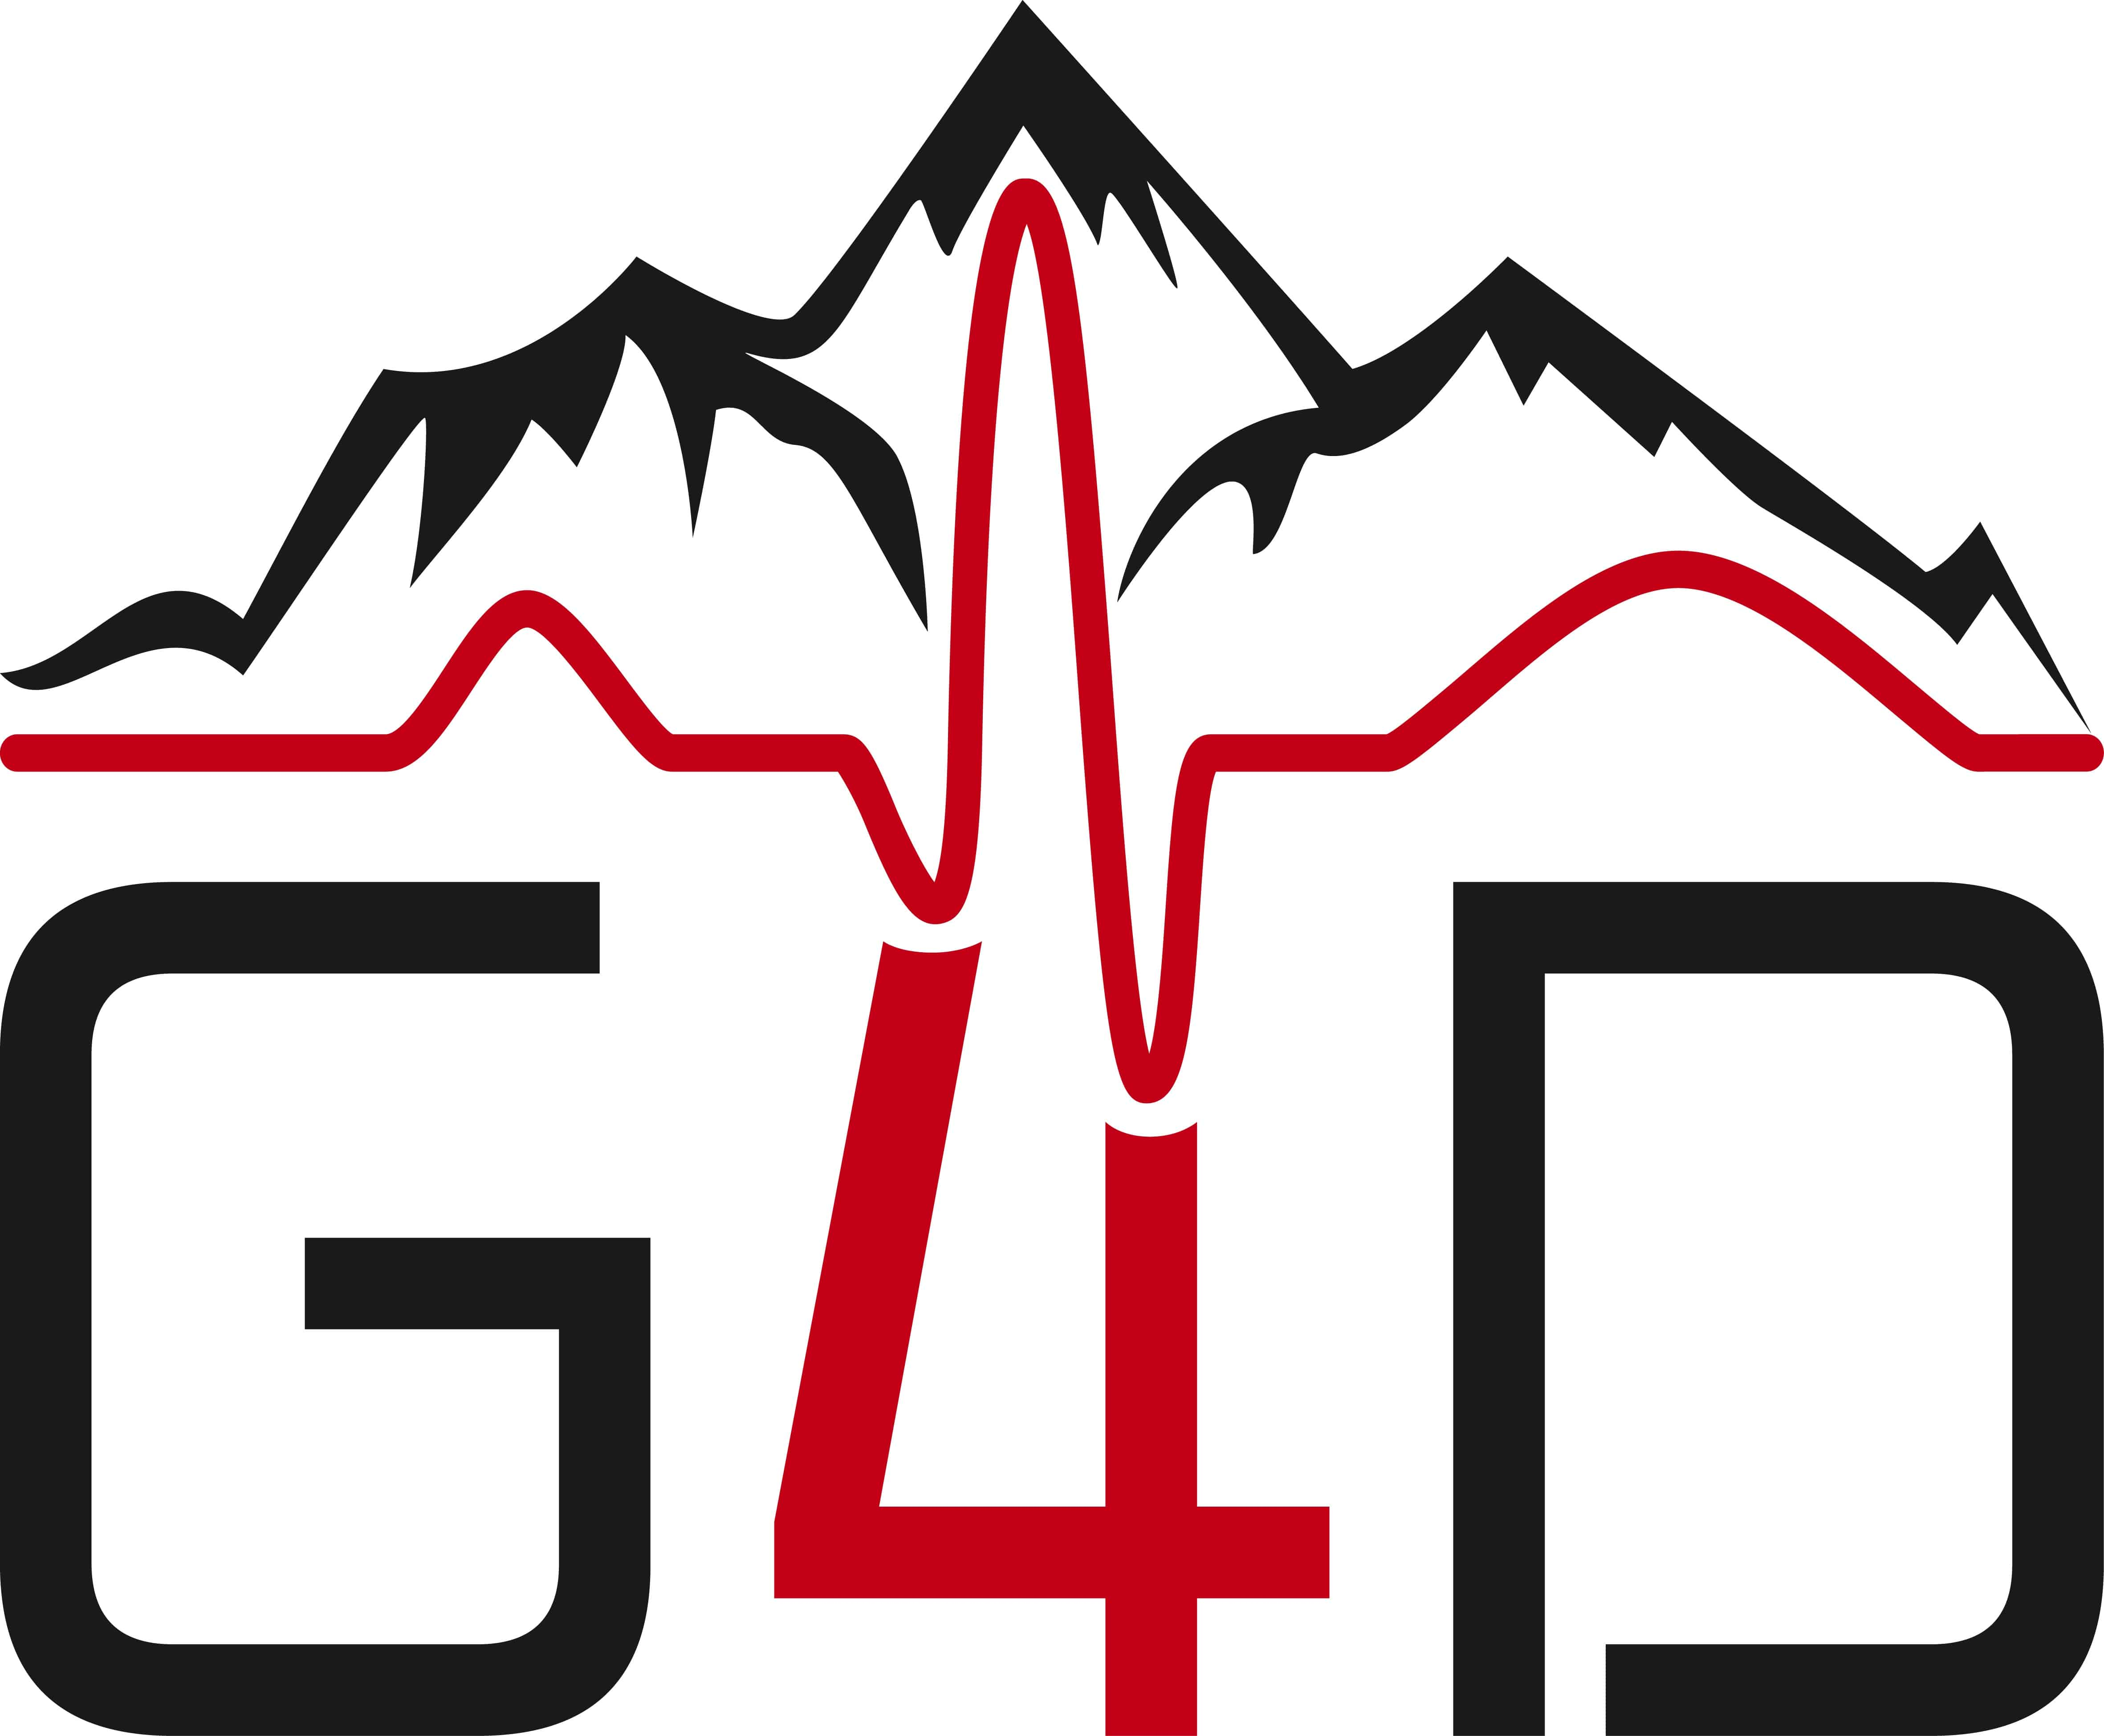 Wir stellen vor: G4D International Training Site von SKILLQUBE